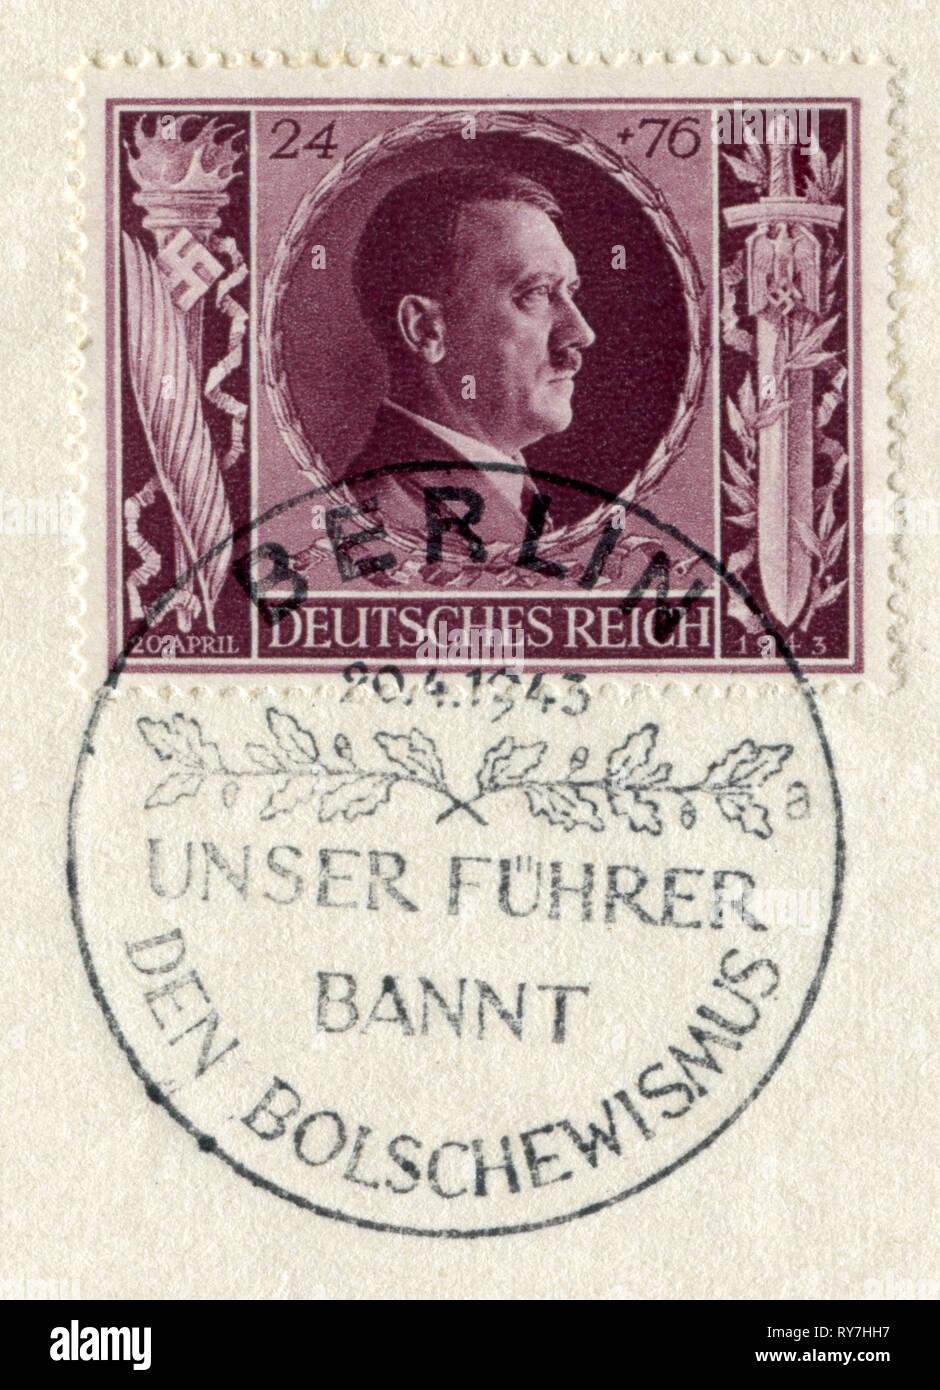 """Sello histórico alemán: """"54º aniversario de Adolf Hitler"""" con condiciones especiales de cancelación 'Nuestro Fuhrer prohíbe el bolchevismo"""" el 20 de abril de 1943, el DR, Tercer Reich, WW2 Imagen De Stock"""